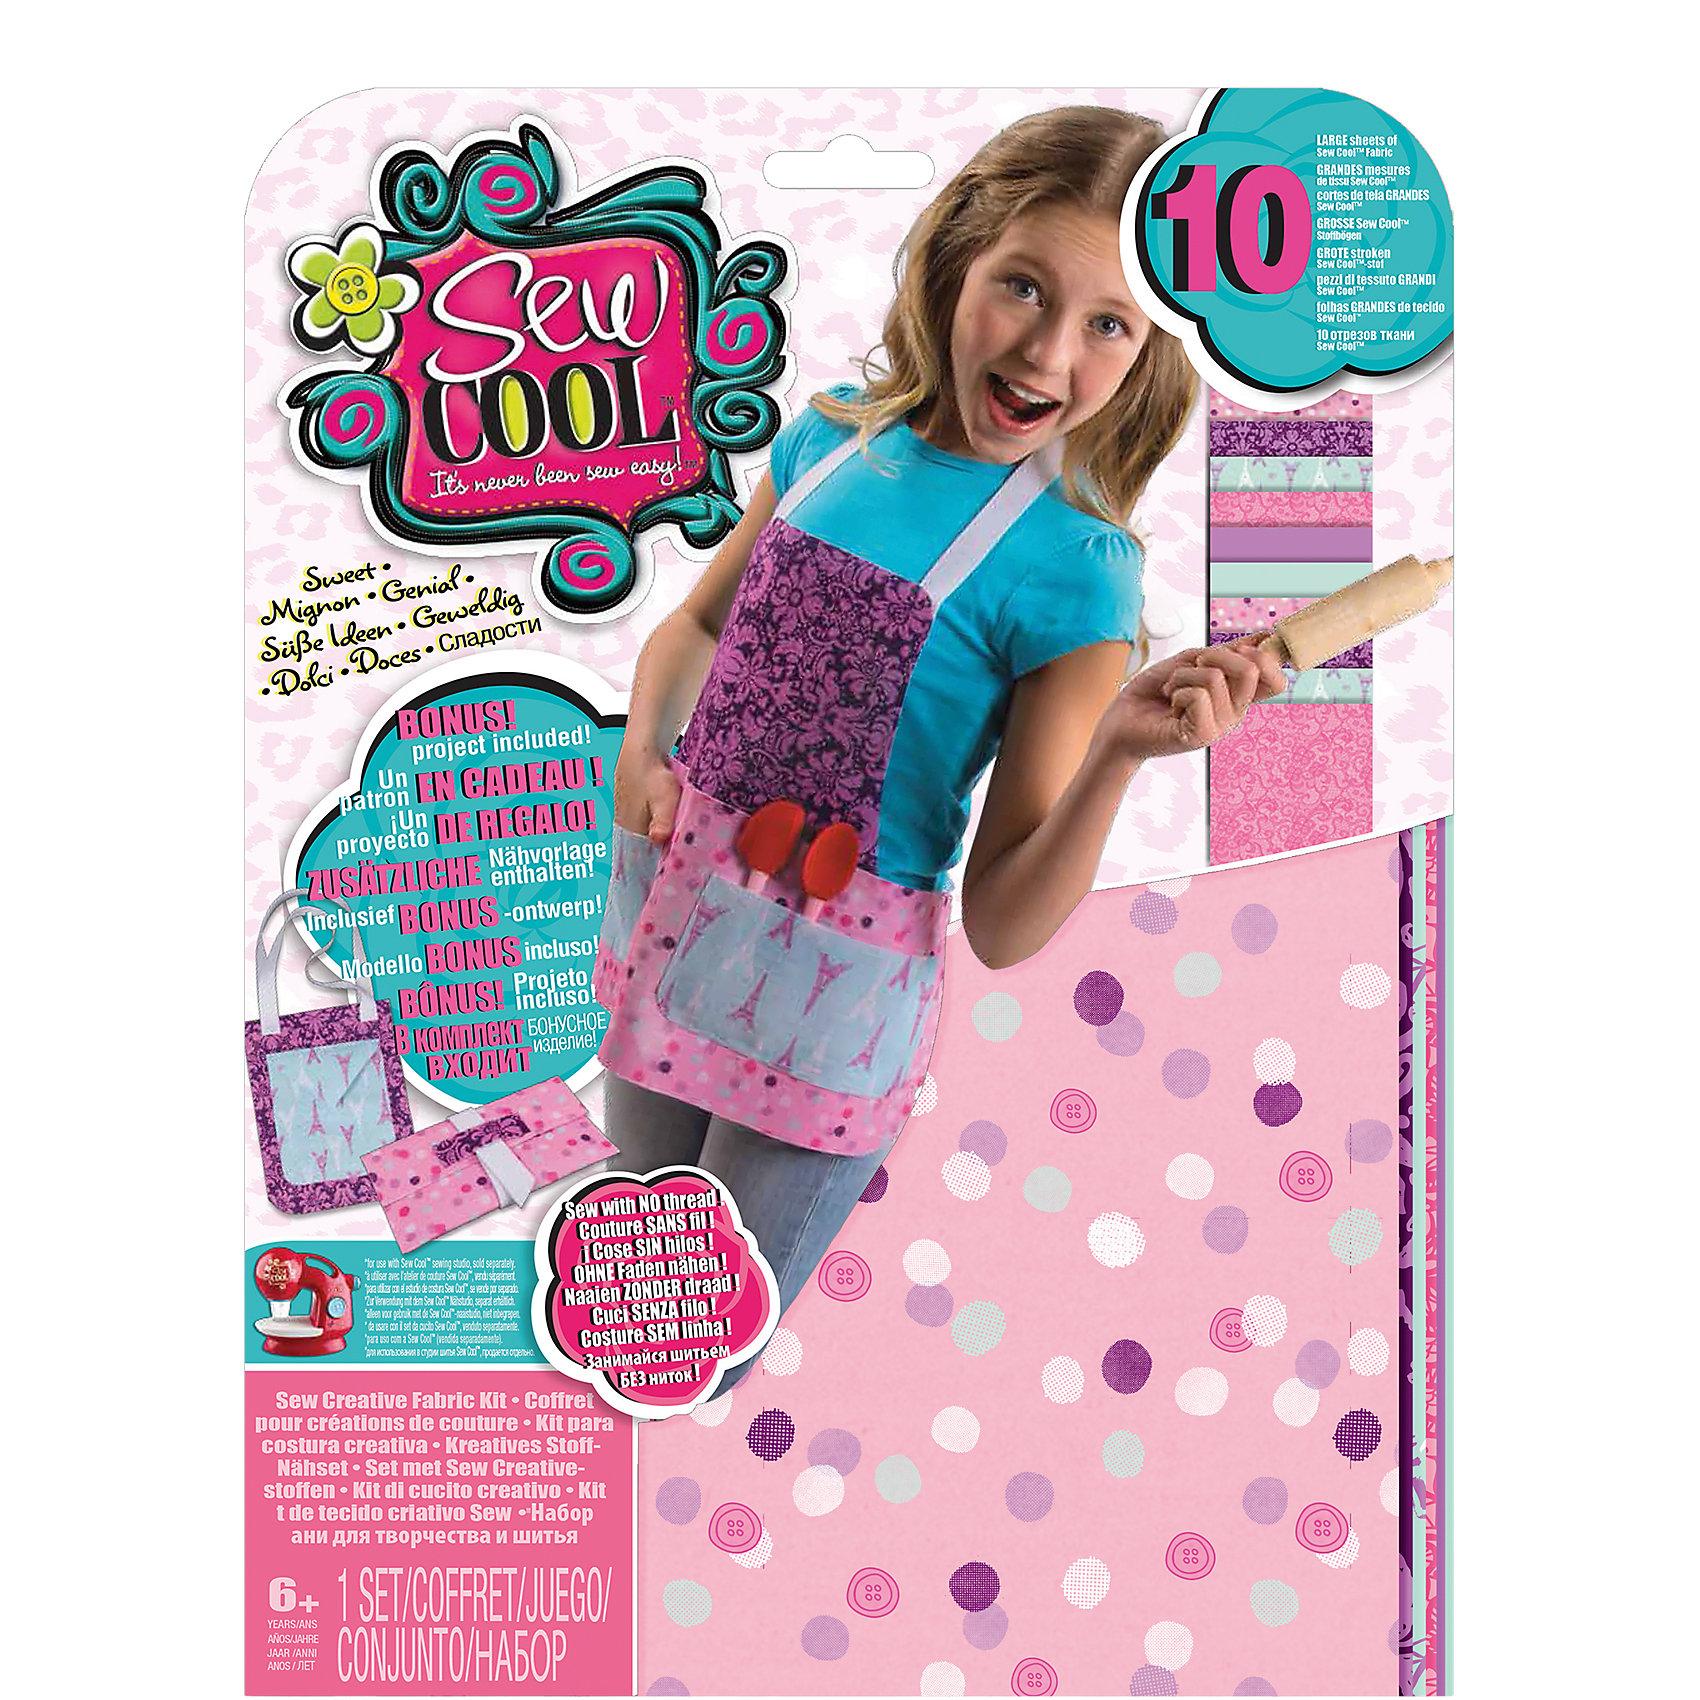 Набор для создания собственных дизайнов  Sew CoolРукоделие<br>Набор для создания собственных дизайнов Sew Cool (Сью кул)<br><br>Характеристики:<br><br>• можно создать рюкзачок или фартук<br>• схемы в комплекте<br>• размер упаковки: 30,5х22,5х2 см<br>• вес: 210 грамм<br>• в комплекте: 10 тканевых элементов, тесьма, выкройки, инструкция<br><br>С помощью набора от Sew Cool девочка сможет почувствовать себя настоящим дизайнером. В комплект входят несколько элементов ткани, тесьма, из которых можно создать рюкзачок или фартук. Инструкция и схемы подскажут как сделать это правильно. Проявив фантазию, ребенок сможет сам придумать новое изделие!<br><br>Набор для создания собственных дизайнов Sew Cool (Сью кул) вы можете купить в нашем интернет-магазине.<br><br>Ширина мм: 312<br>Глубина мм: 238<br>Высота мм: 35<br>Вес г: 207<br>Возраст от месяцев: 72<br>Возраст до месяцев: 120<br>Пол: Женский<br>Возраст: Детский<br>SKU: 4080693